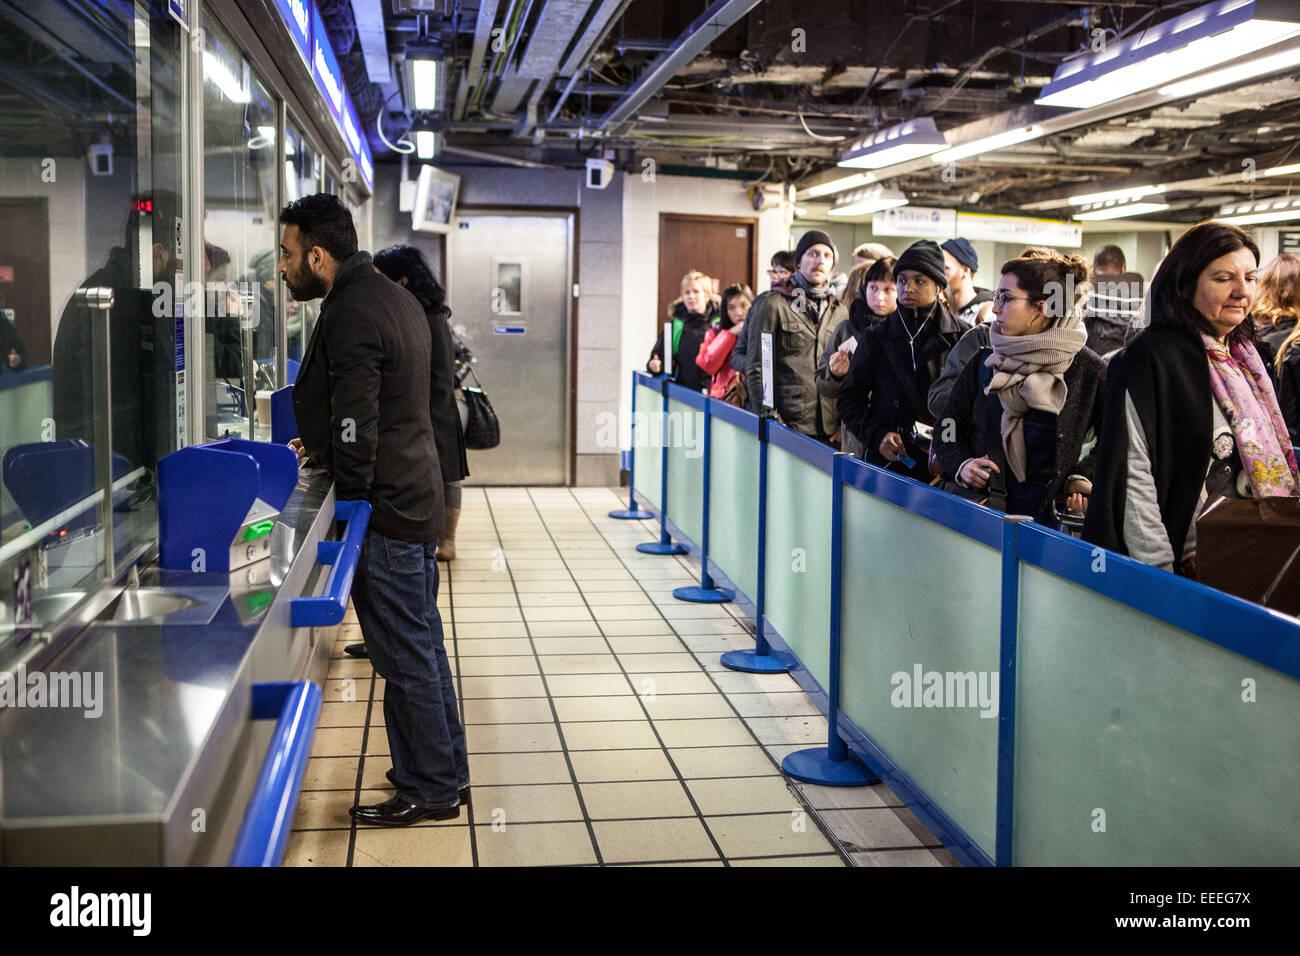 Obtener ayuda en una oficina de venta de billetes de metro de Londres Imagen De Stock